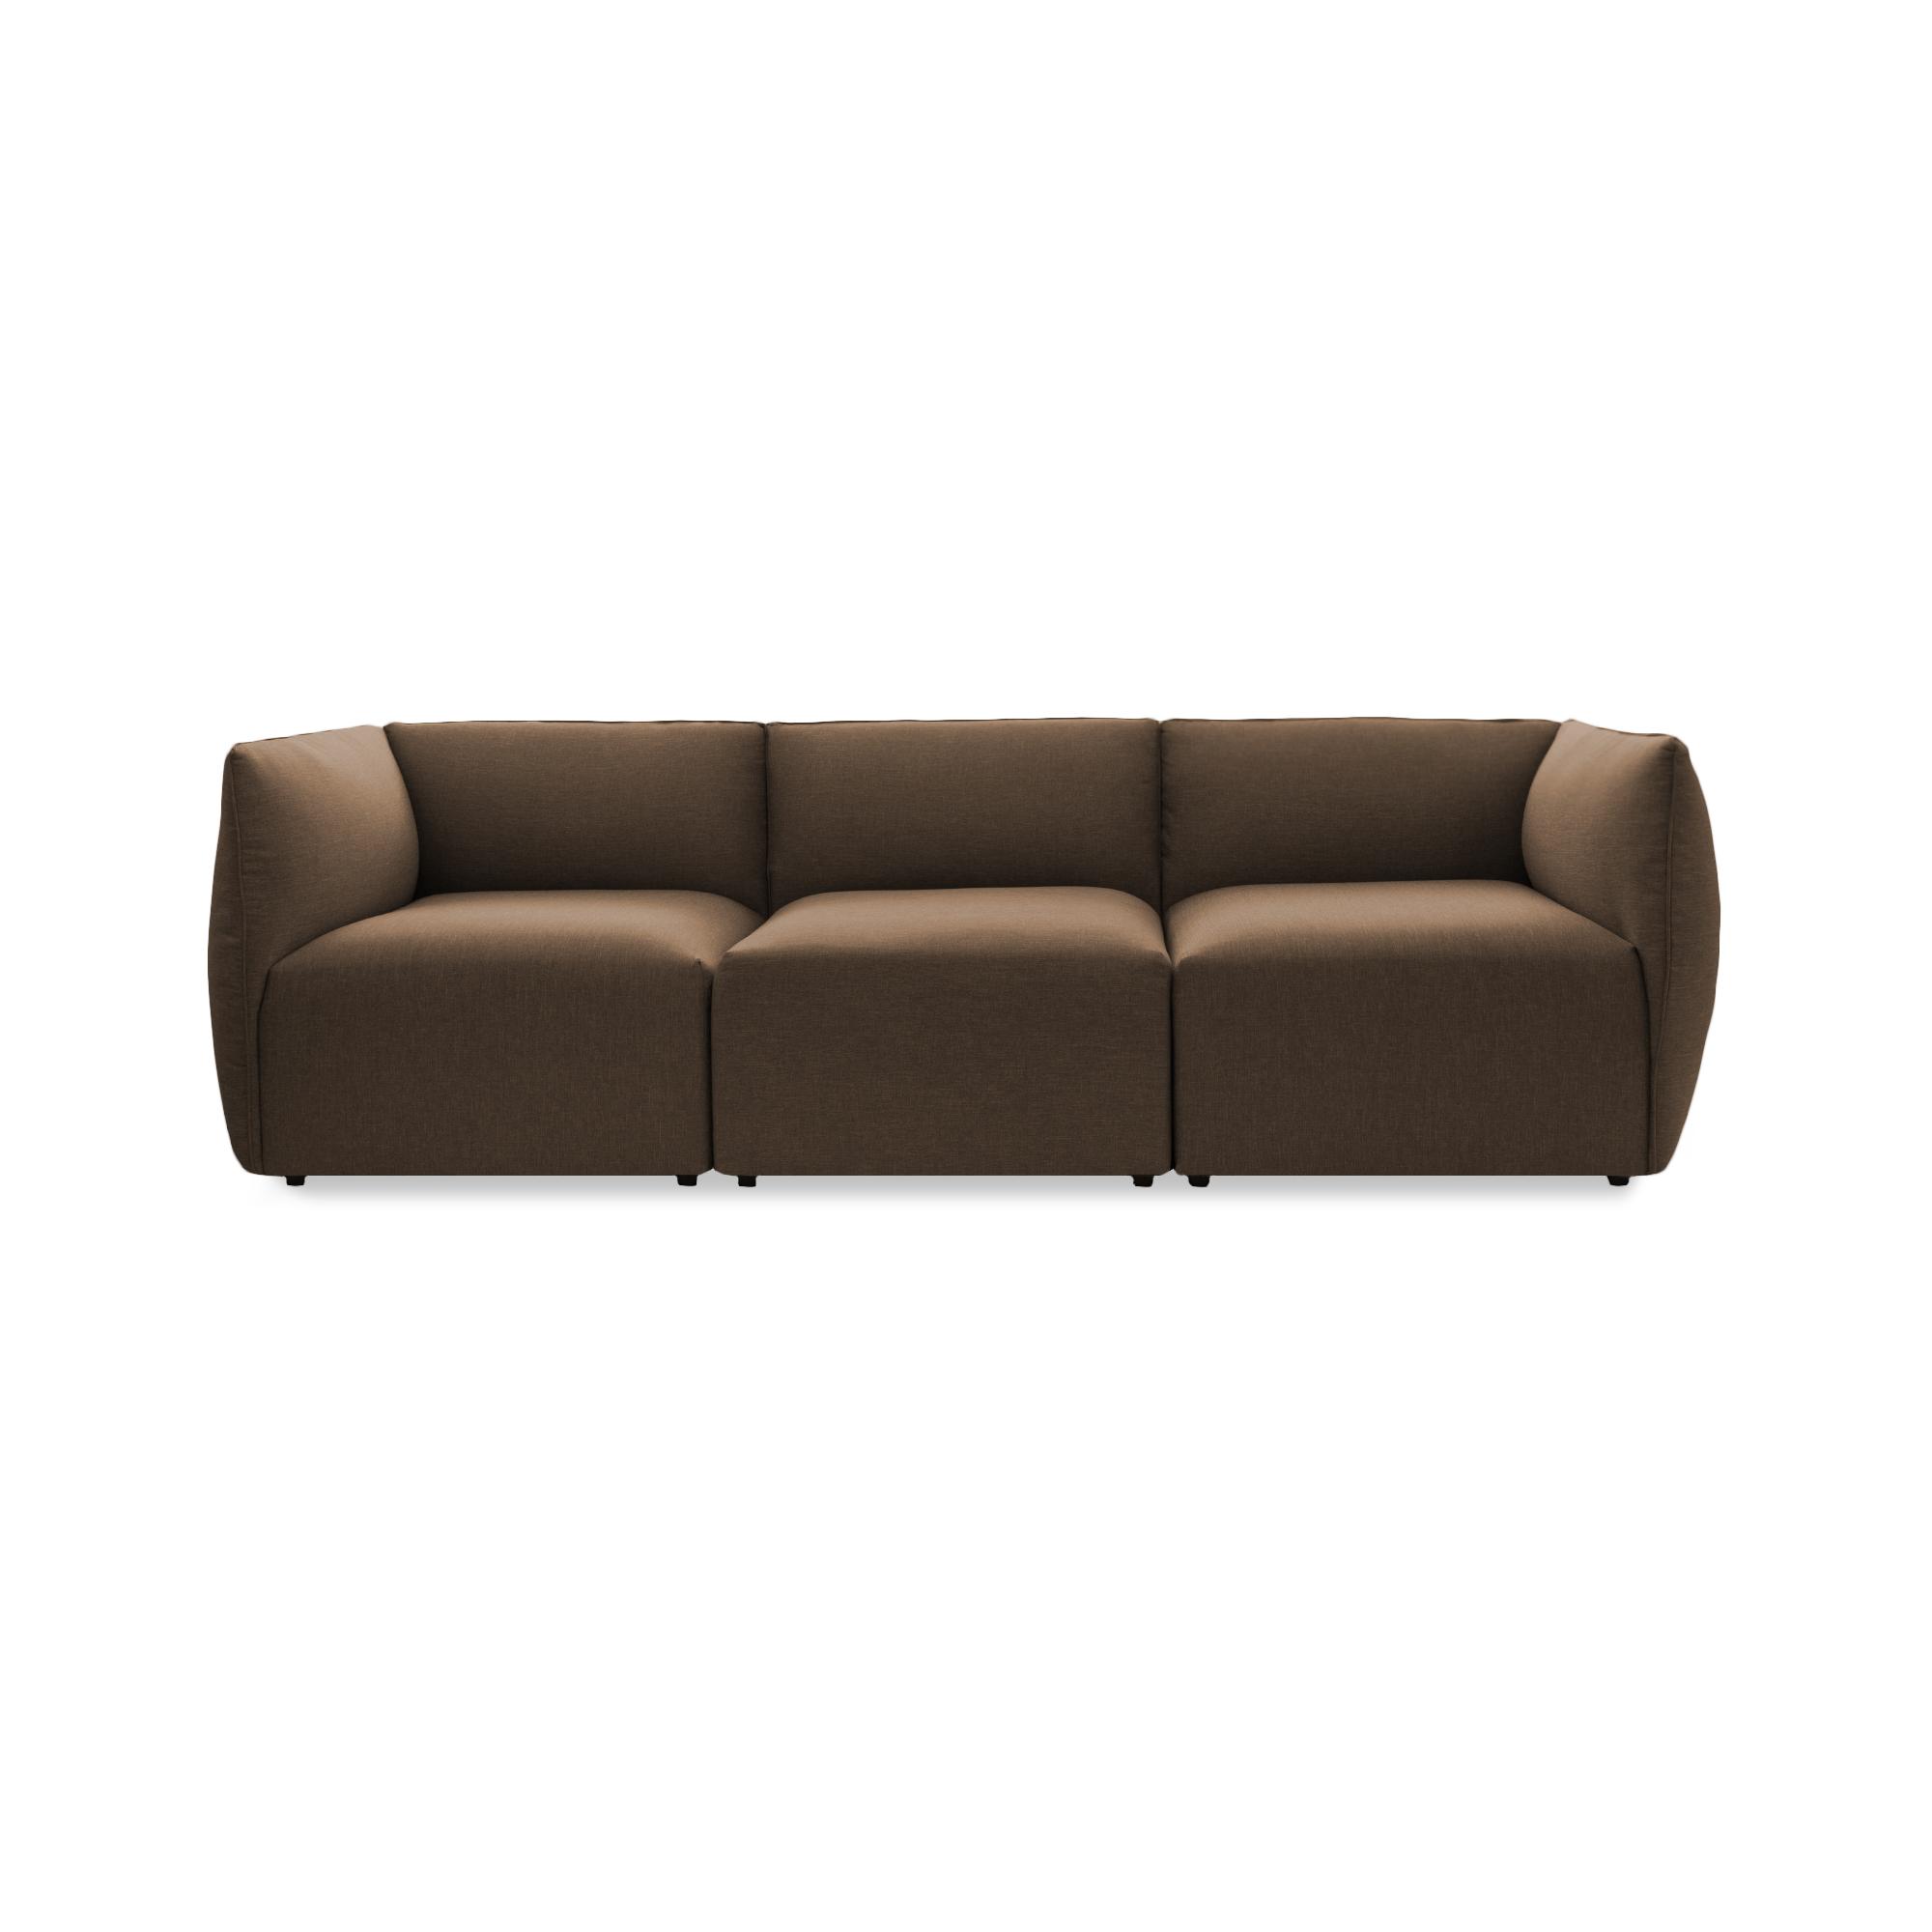 Canapea Fixa 3 locuri Cube Dark Beige